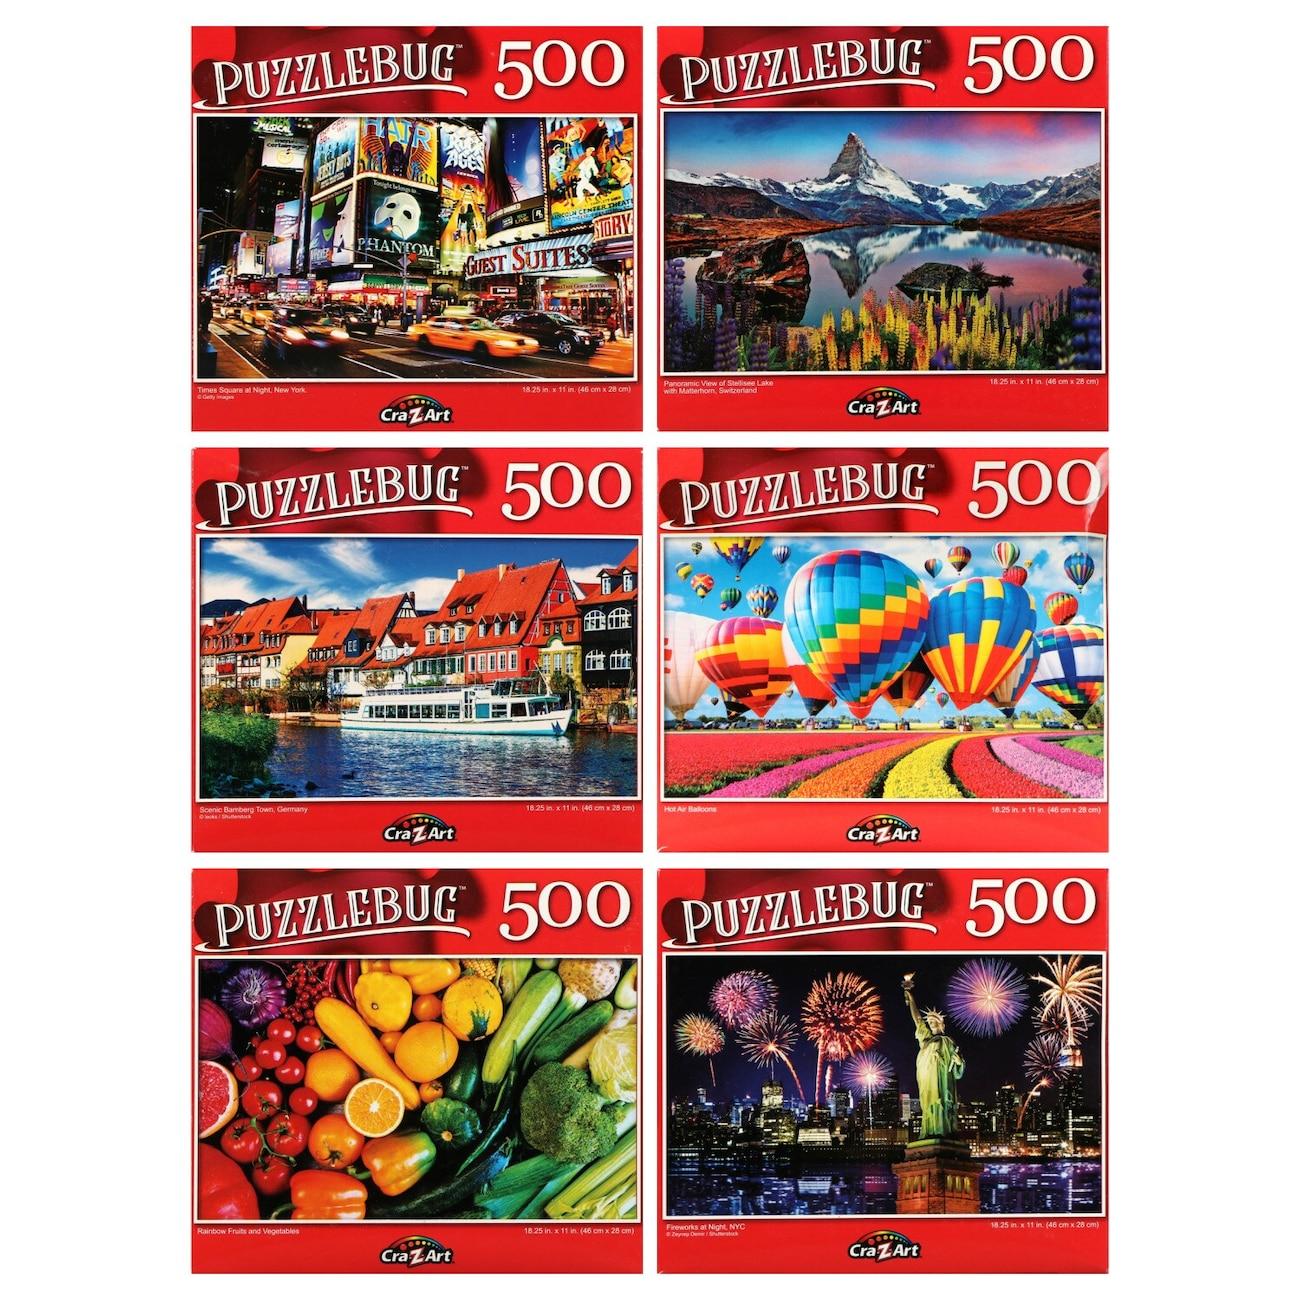 a02f7c8b636b Puzzles - Dollar Tree, Inc.